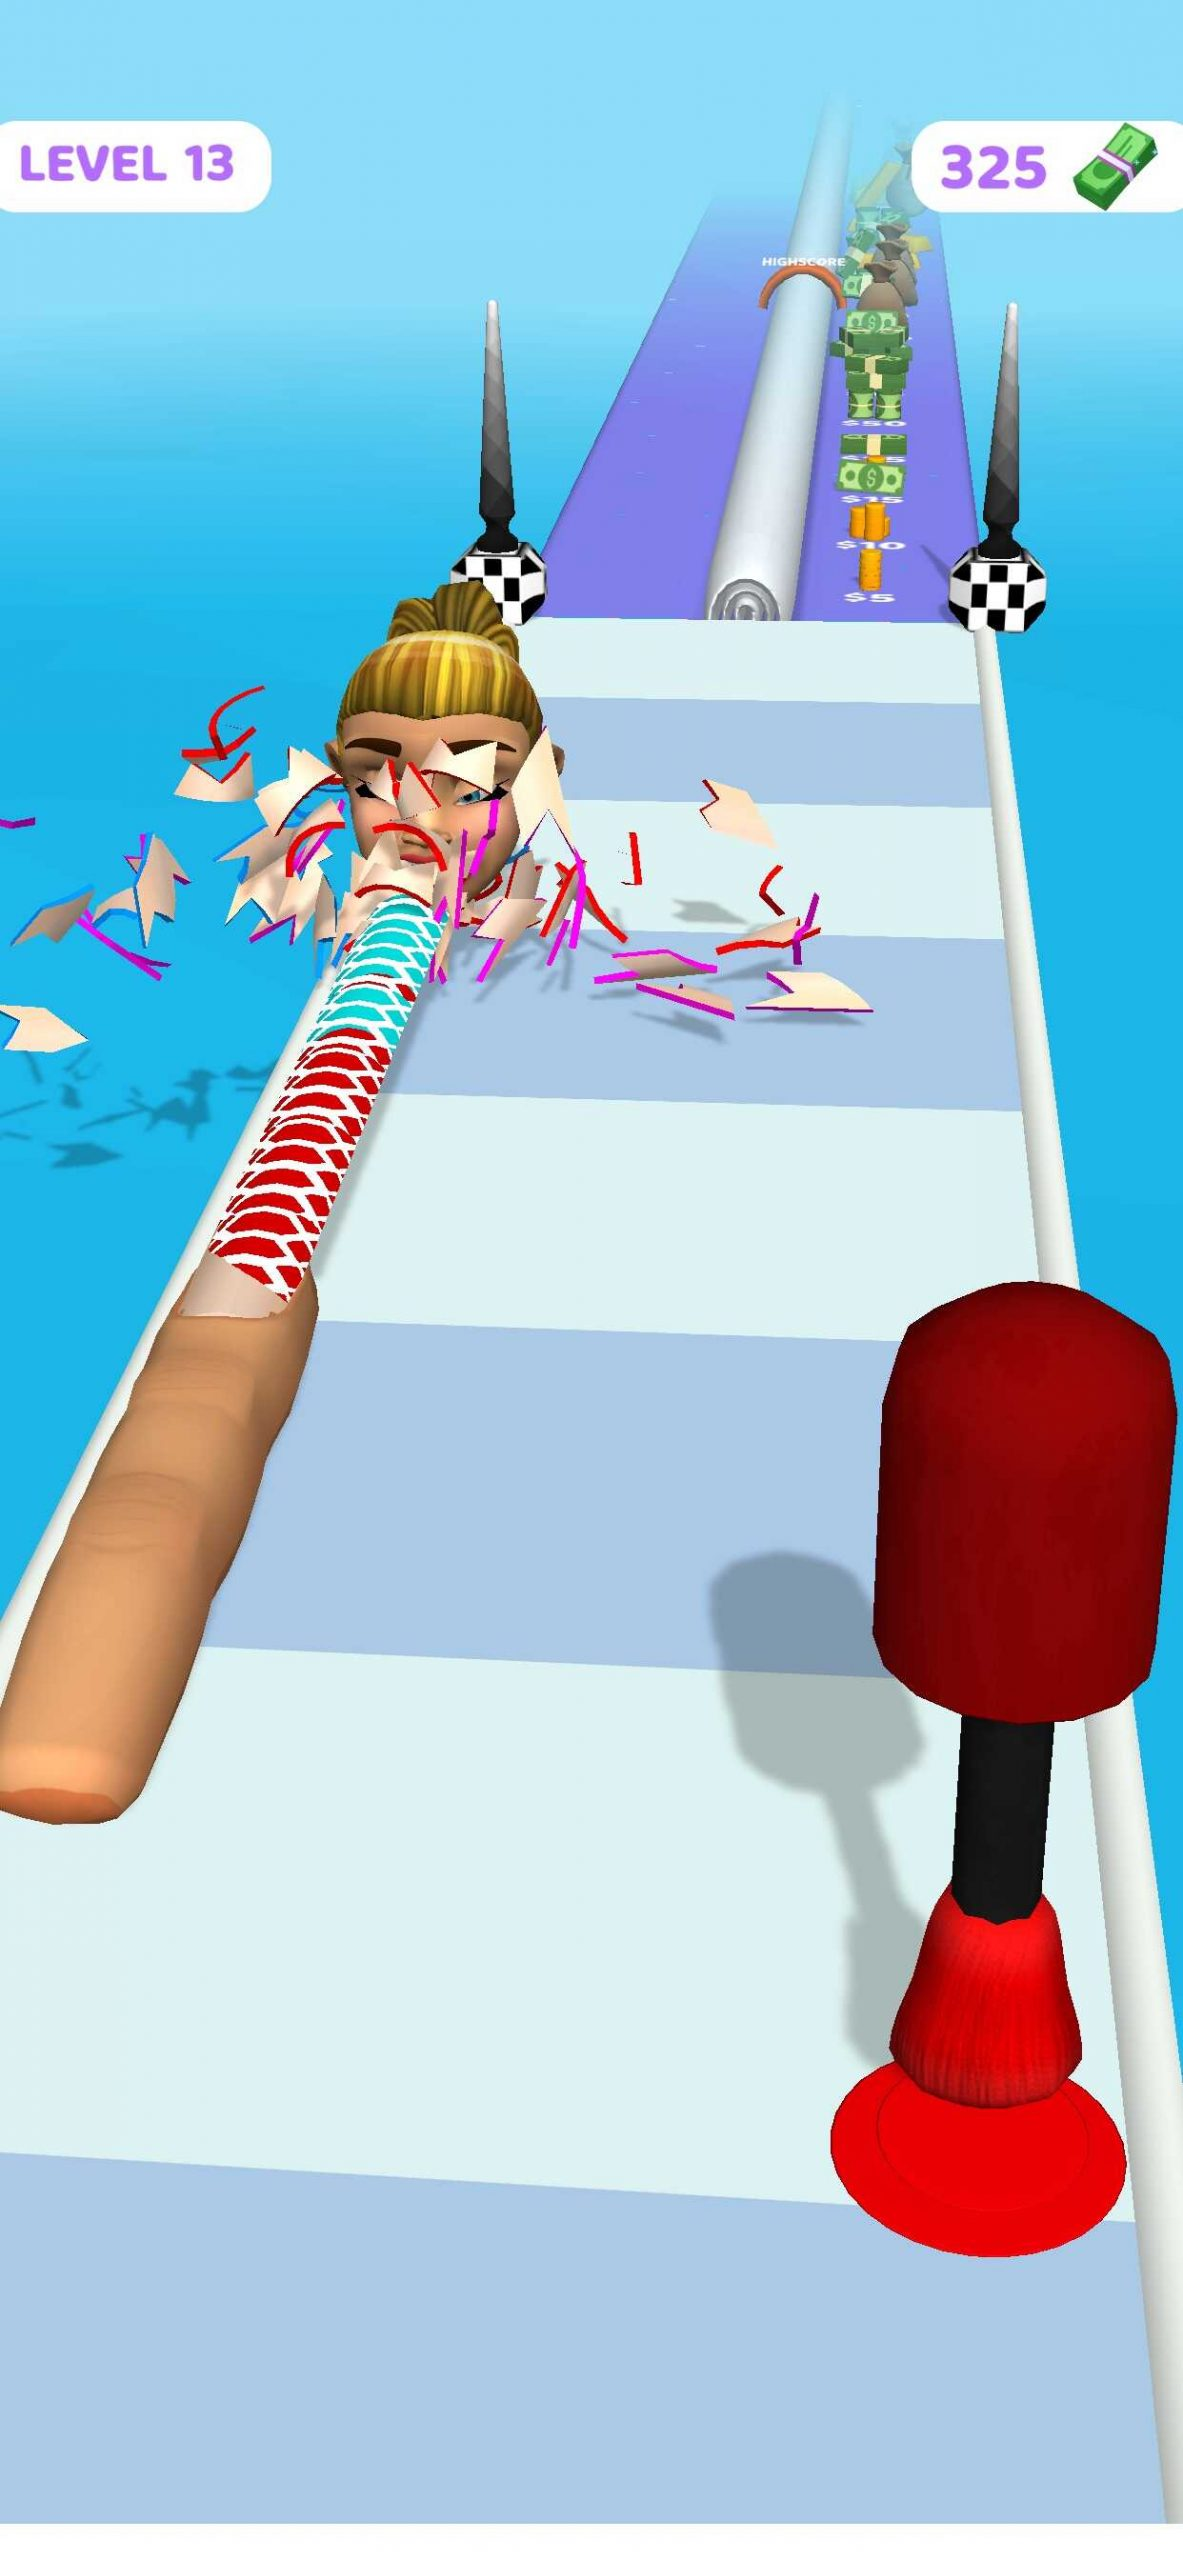 爪を集める新感覚ゲーム「Nail Stack!」!人気のハイパーカジュアルゲームを遊んでみました!